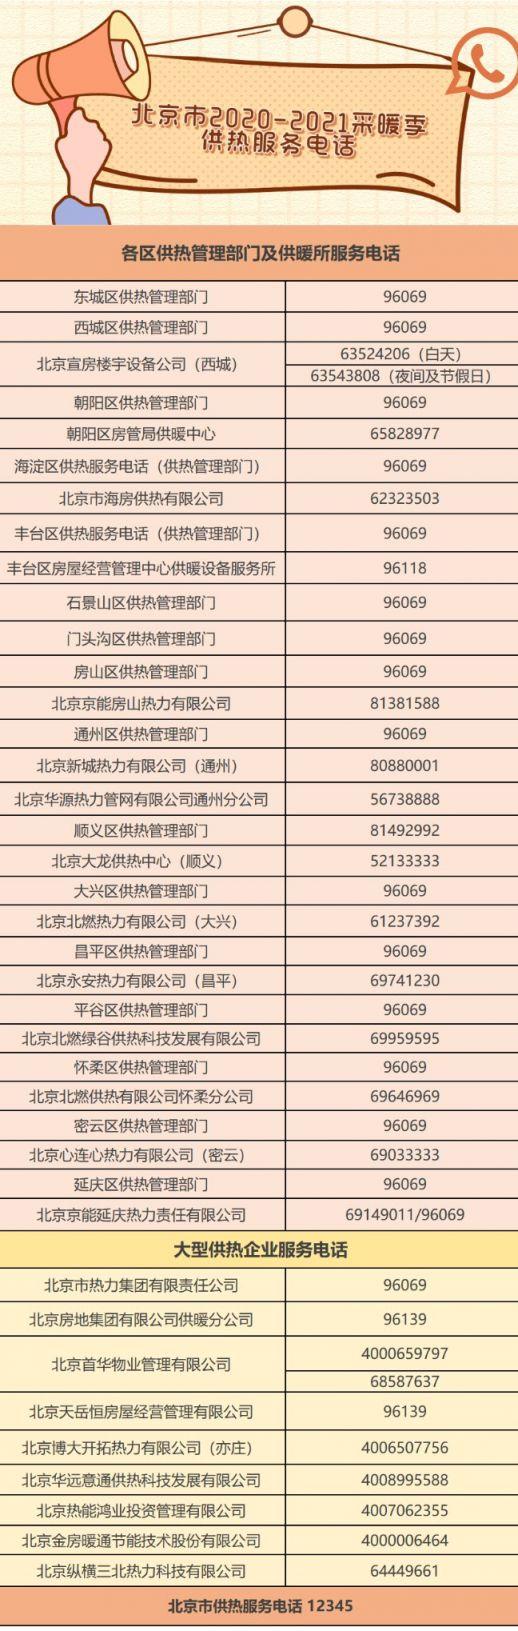 2020-2021北京各区供暖服务电话